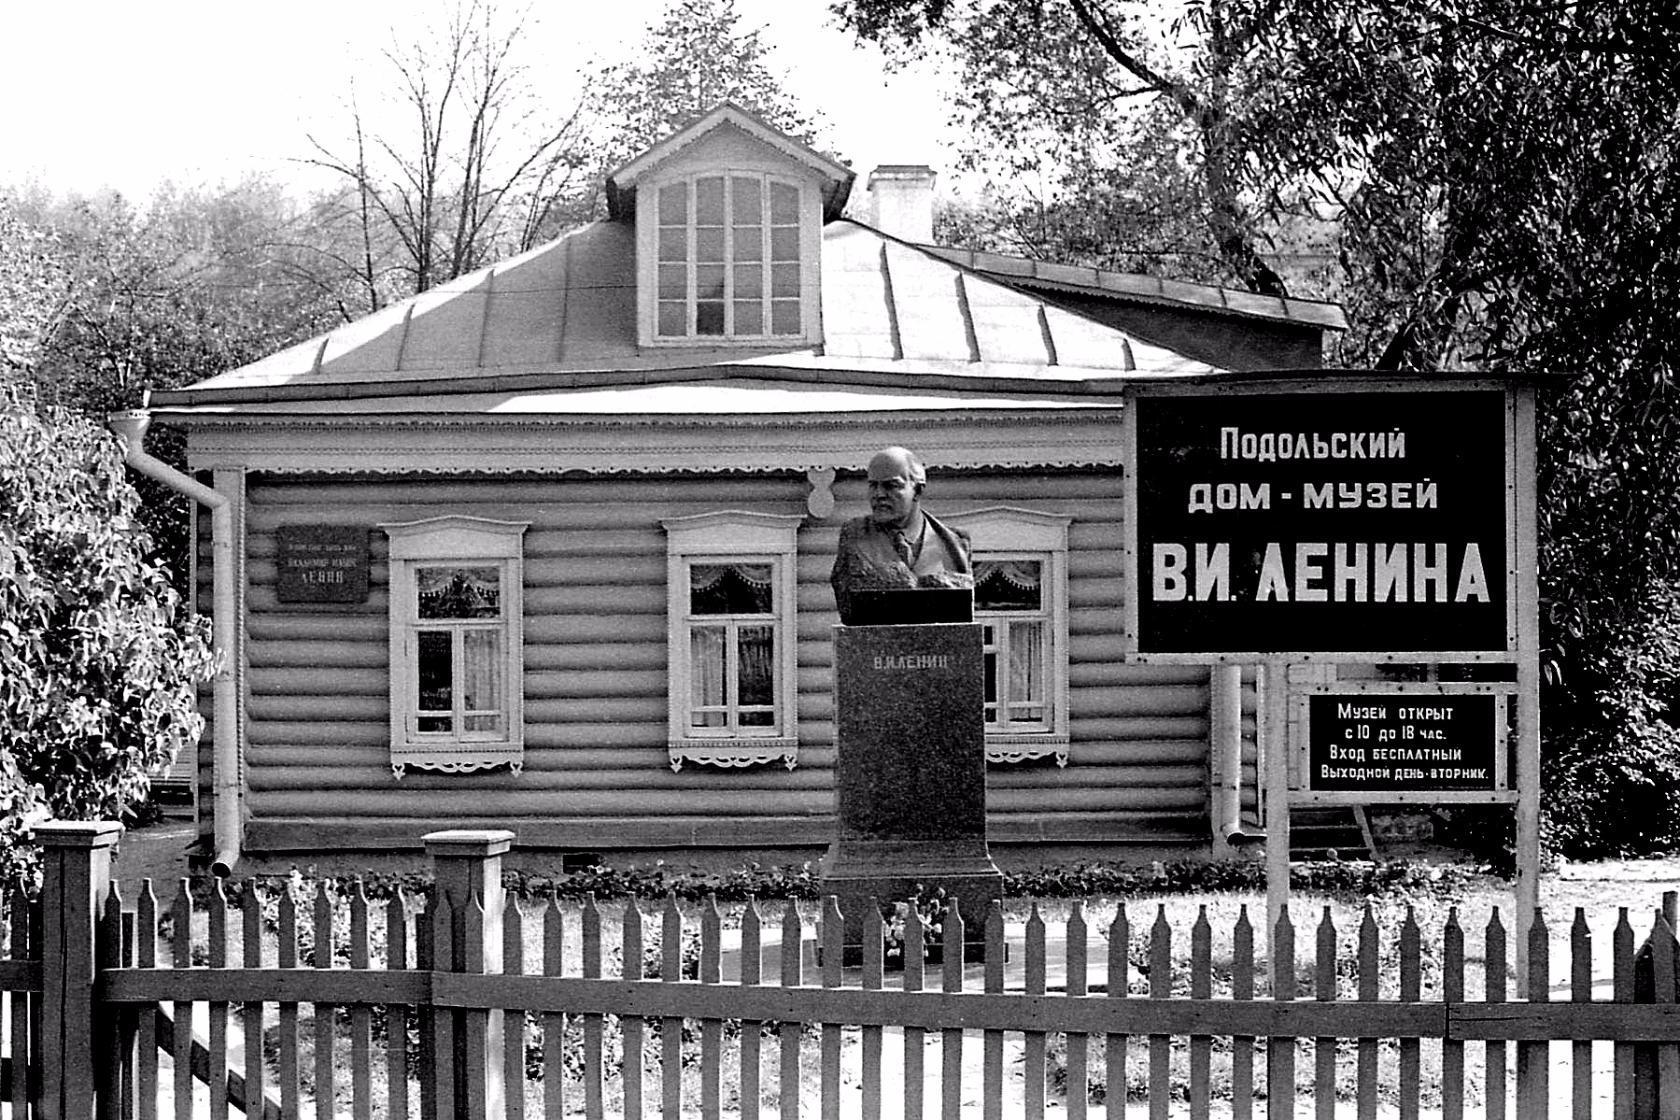 Дом-музей В.И. Ленина. Сентябрь 1975 год.